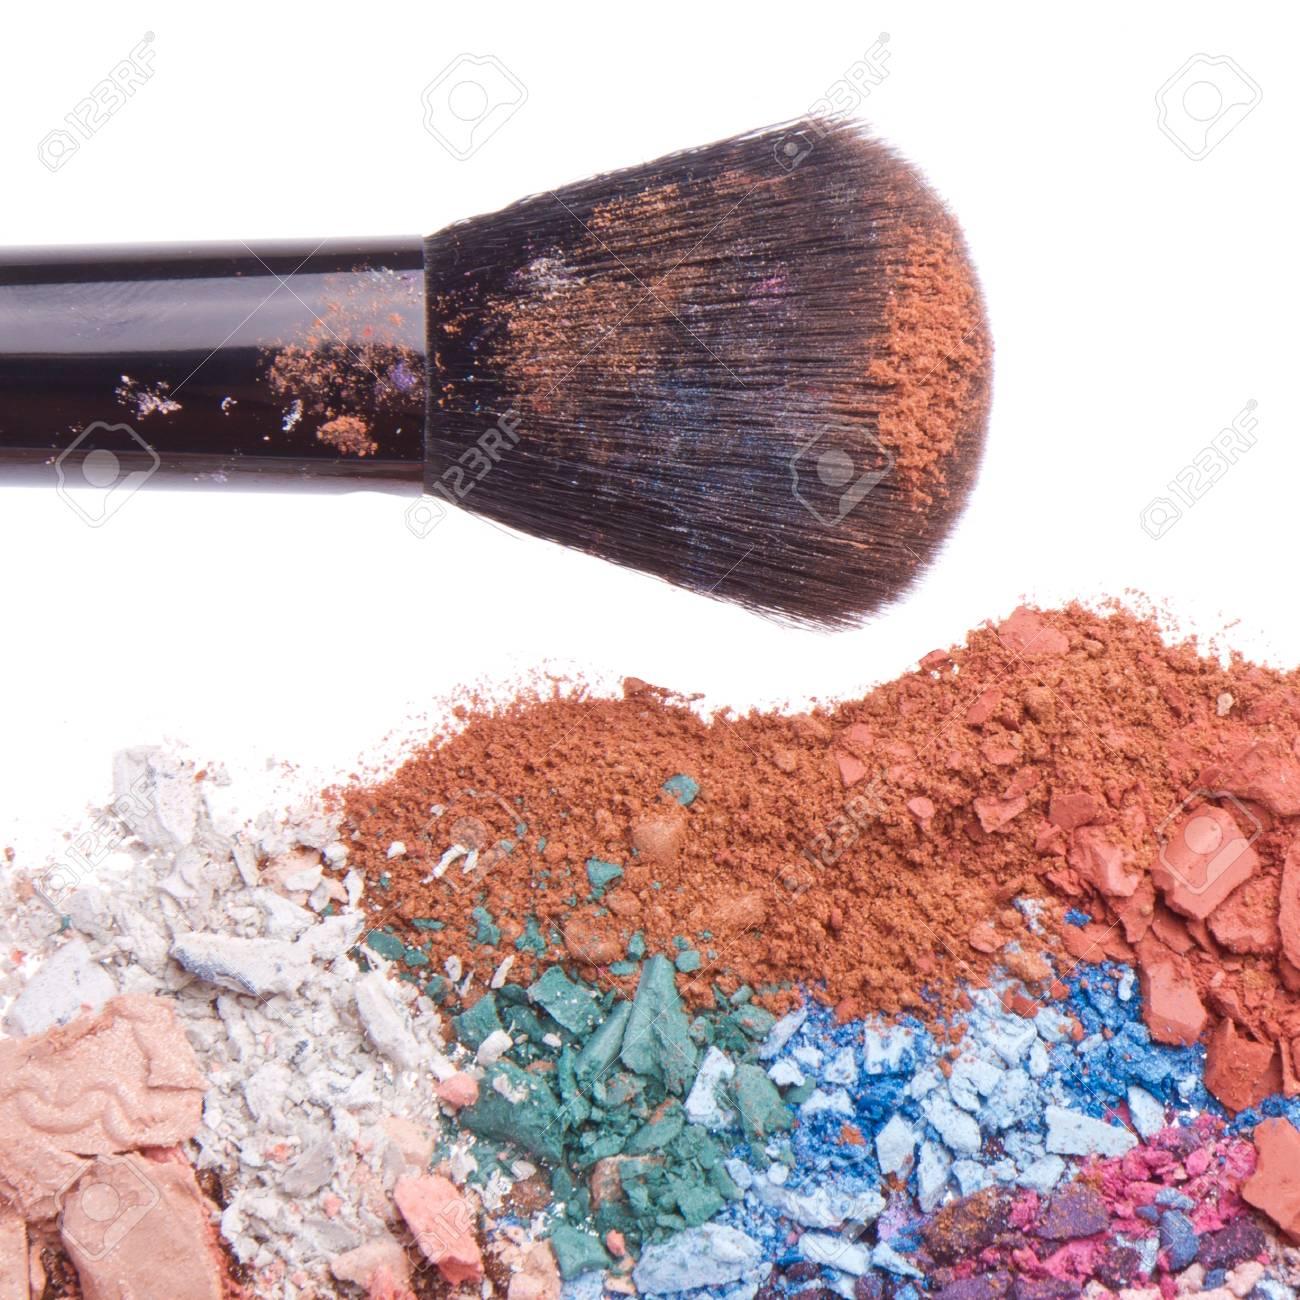 crushed eyeshadows with brush isolated on white background Stock Photo - 13150301